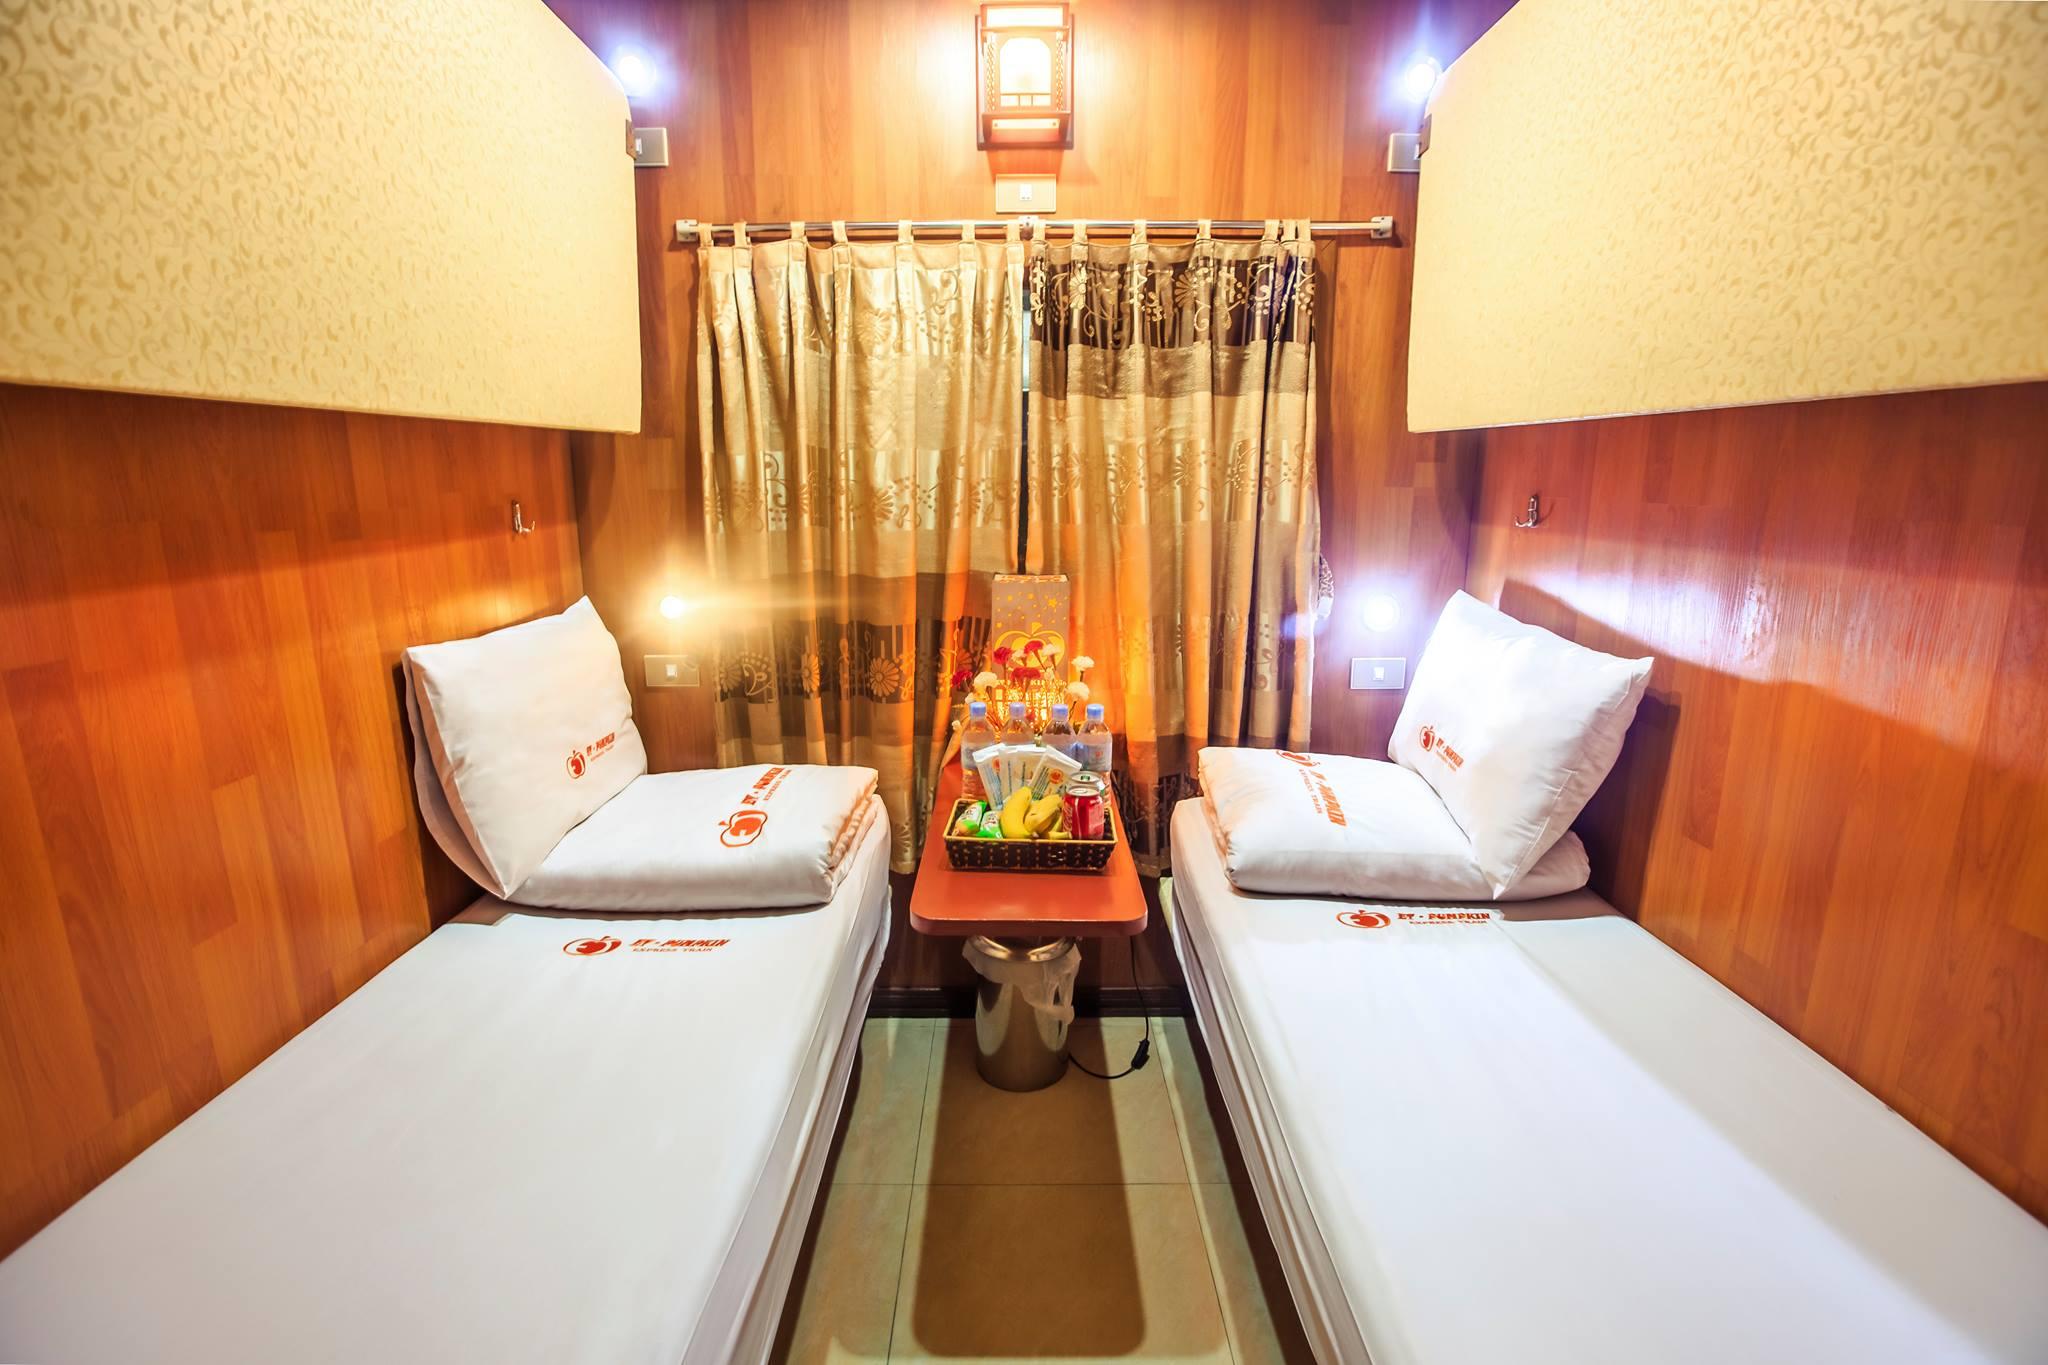 Comment utiliser l'e-billet de train chez Vietnam railway